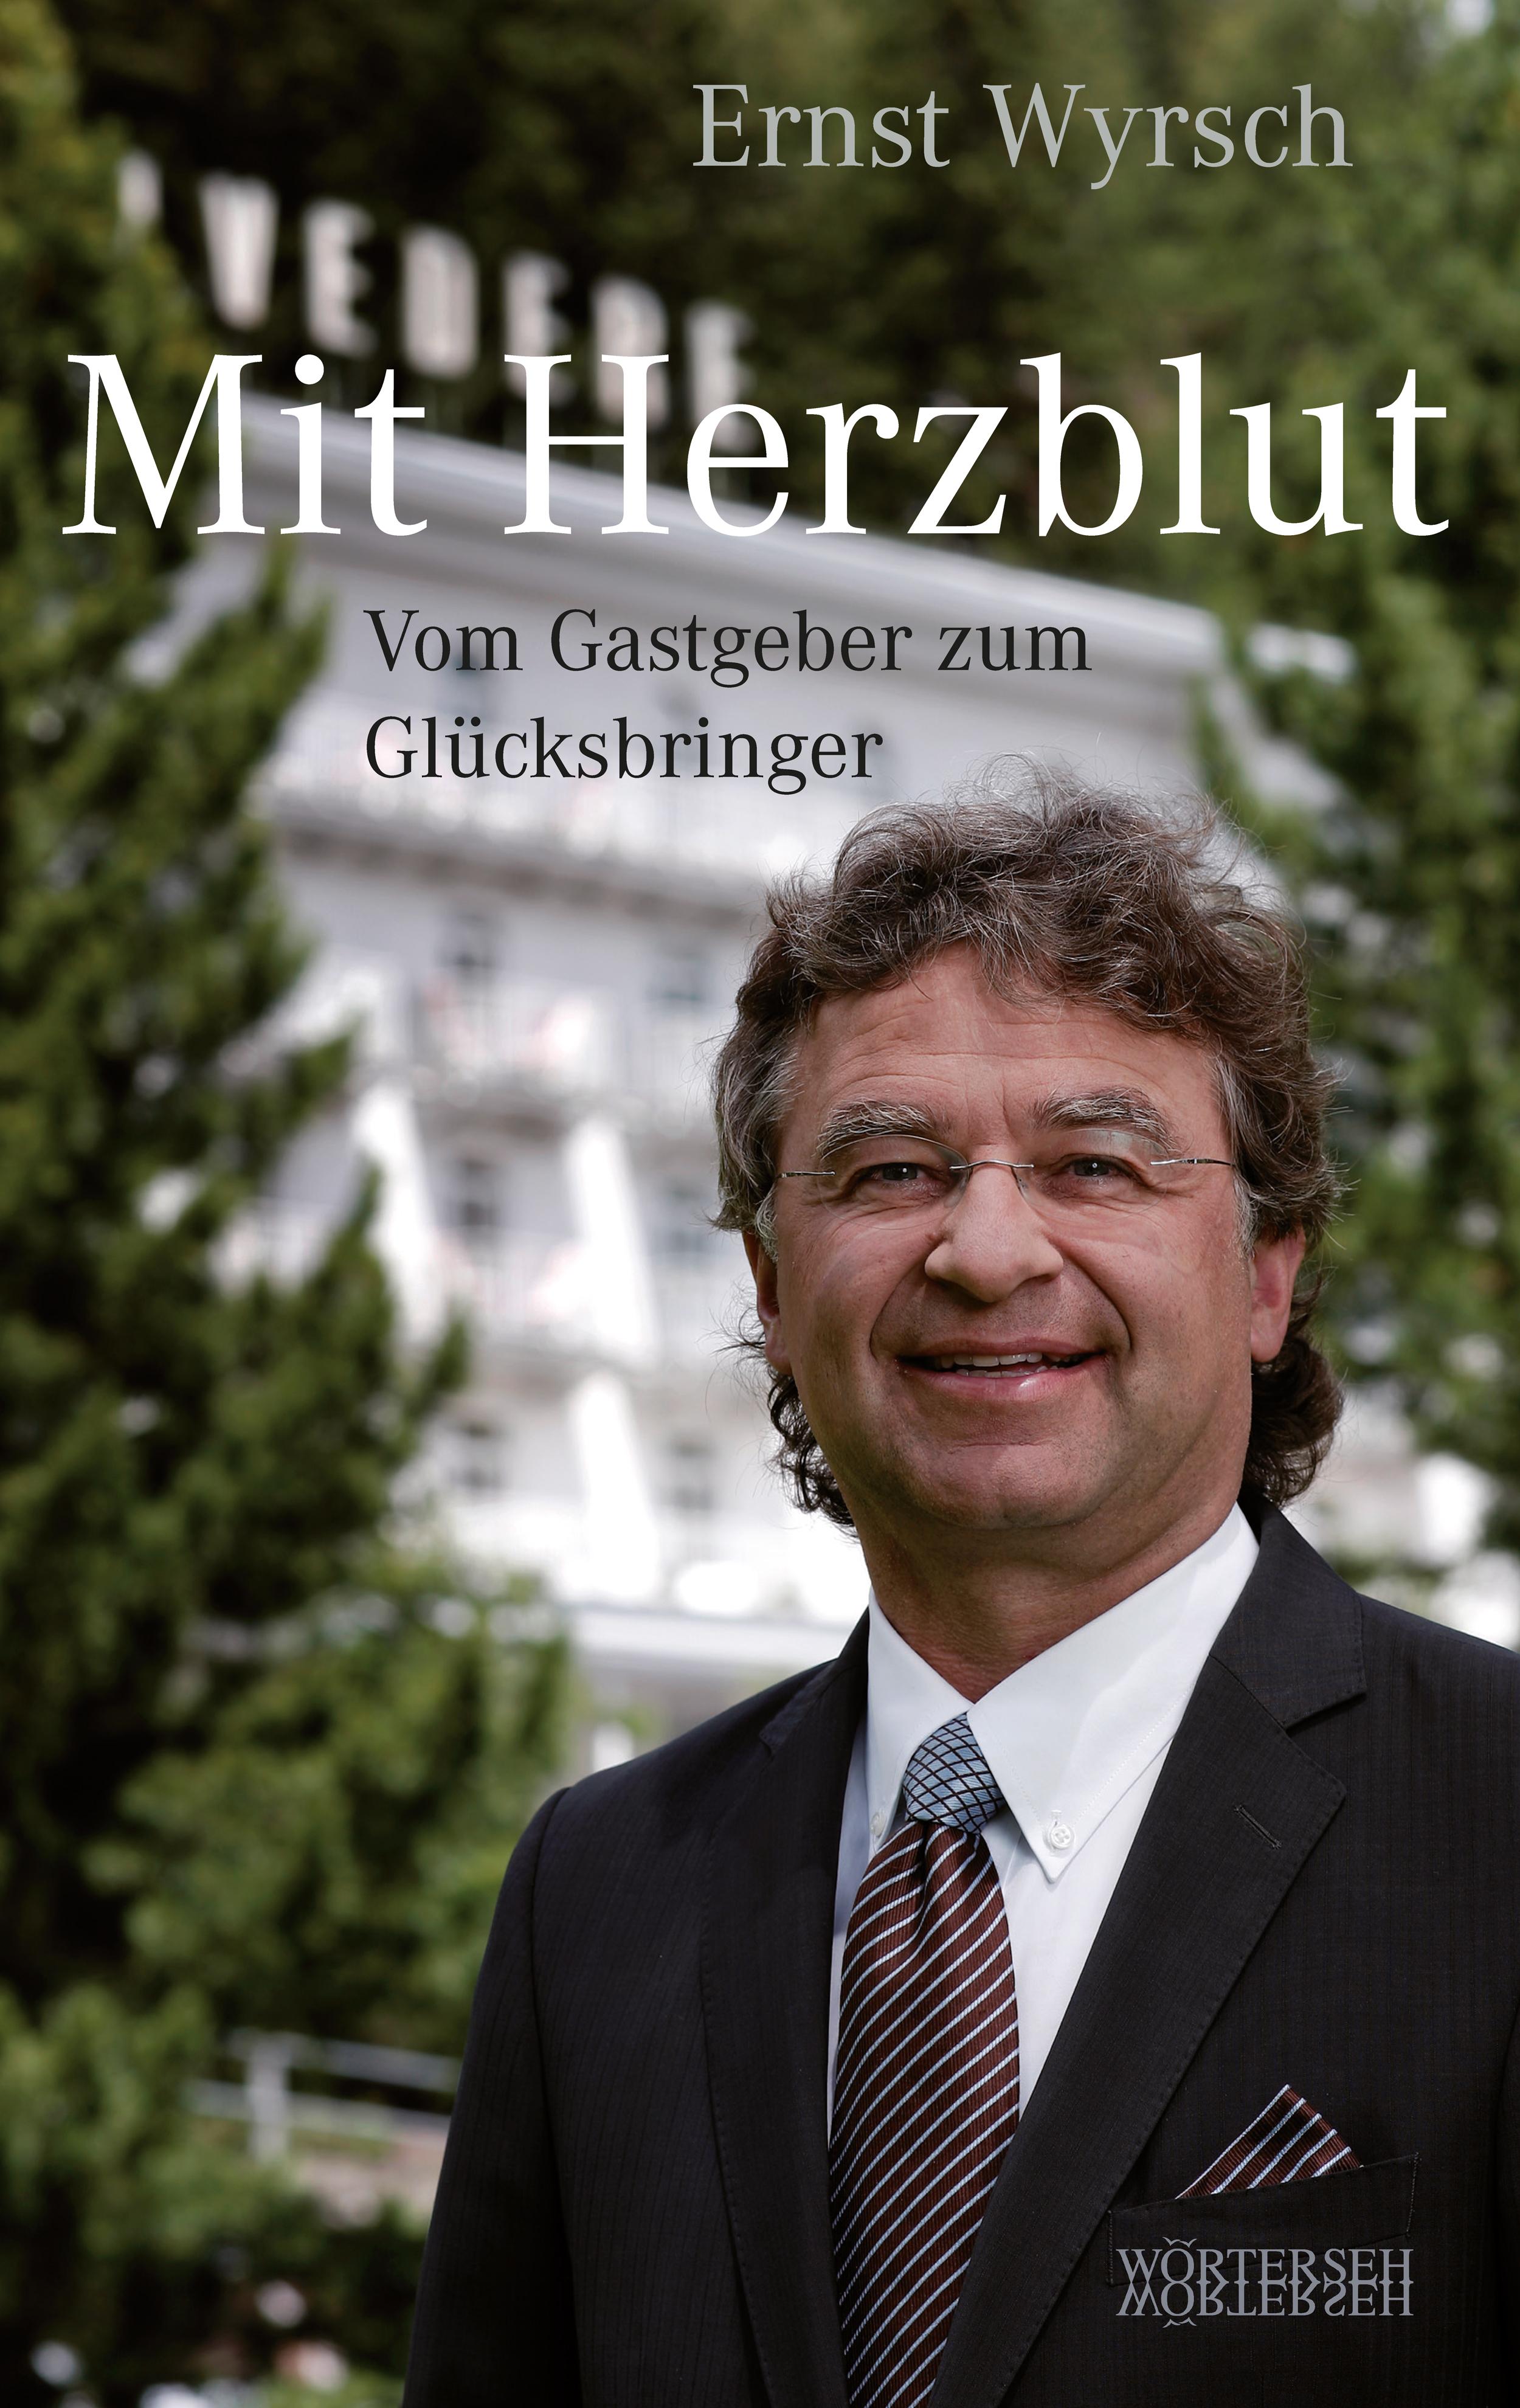 Ernst Wyrsch Mit Herzblut